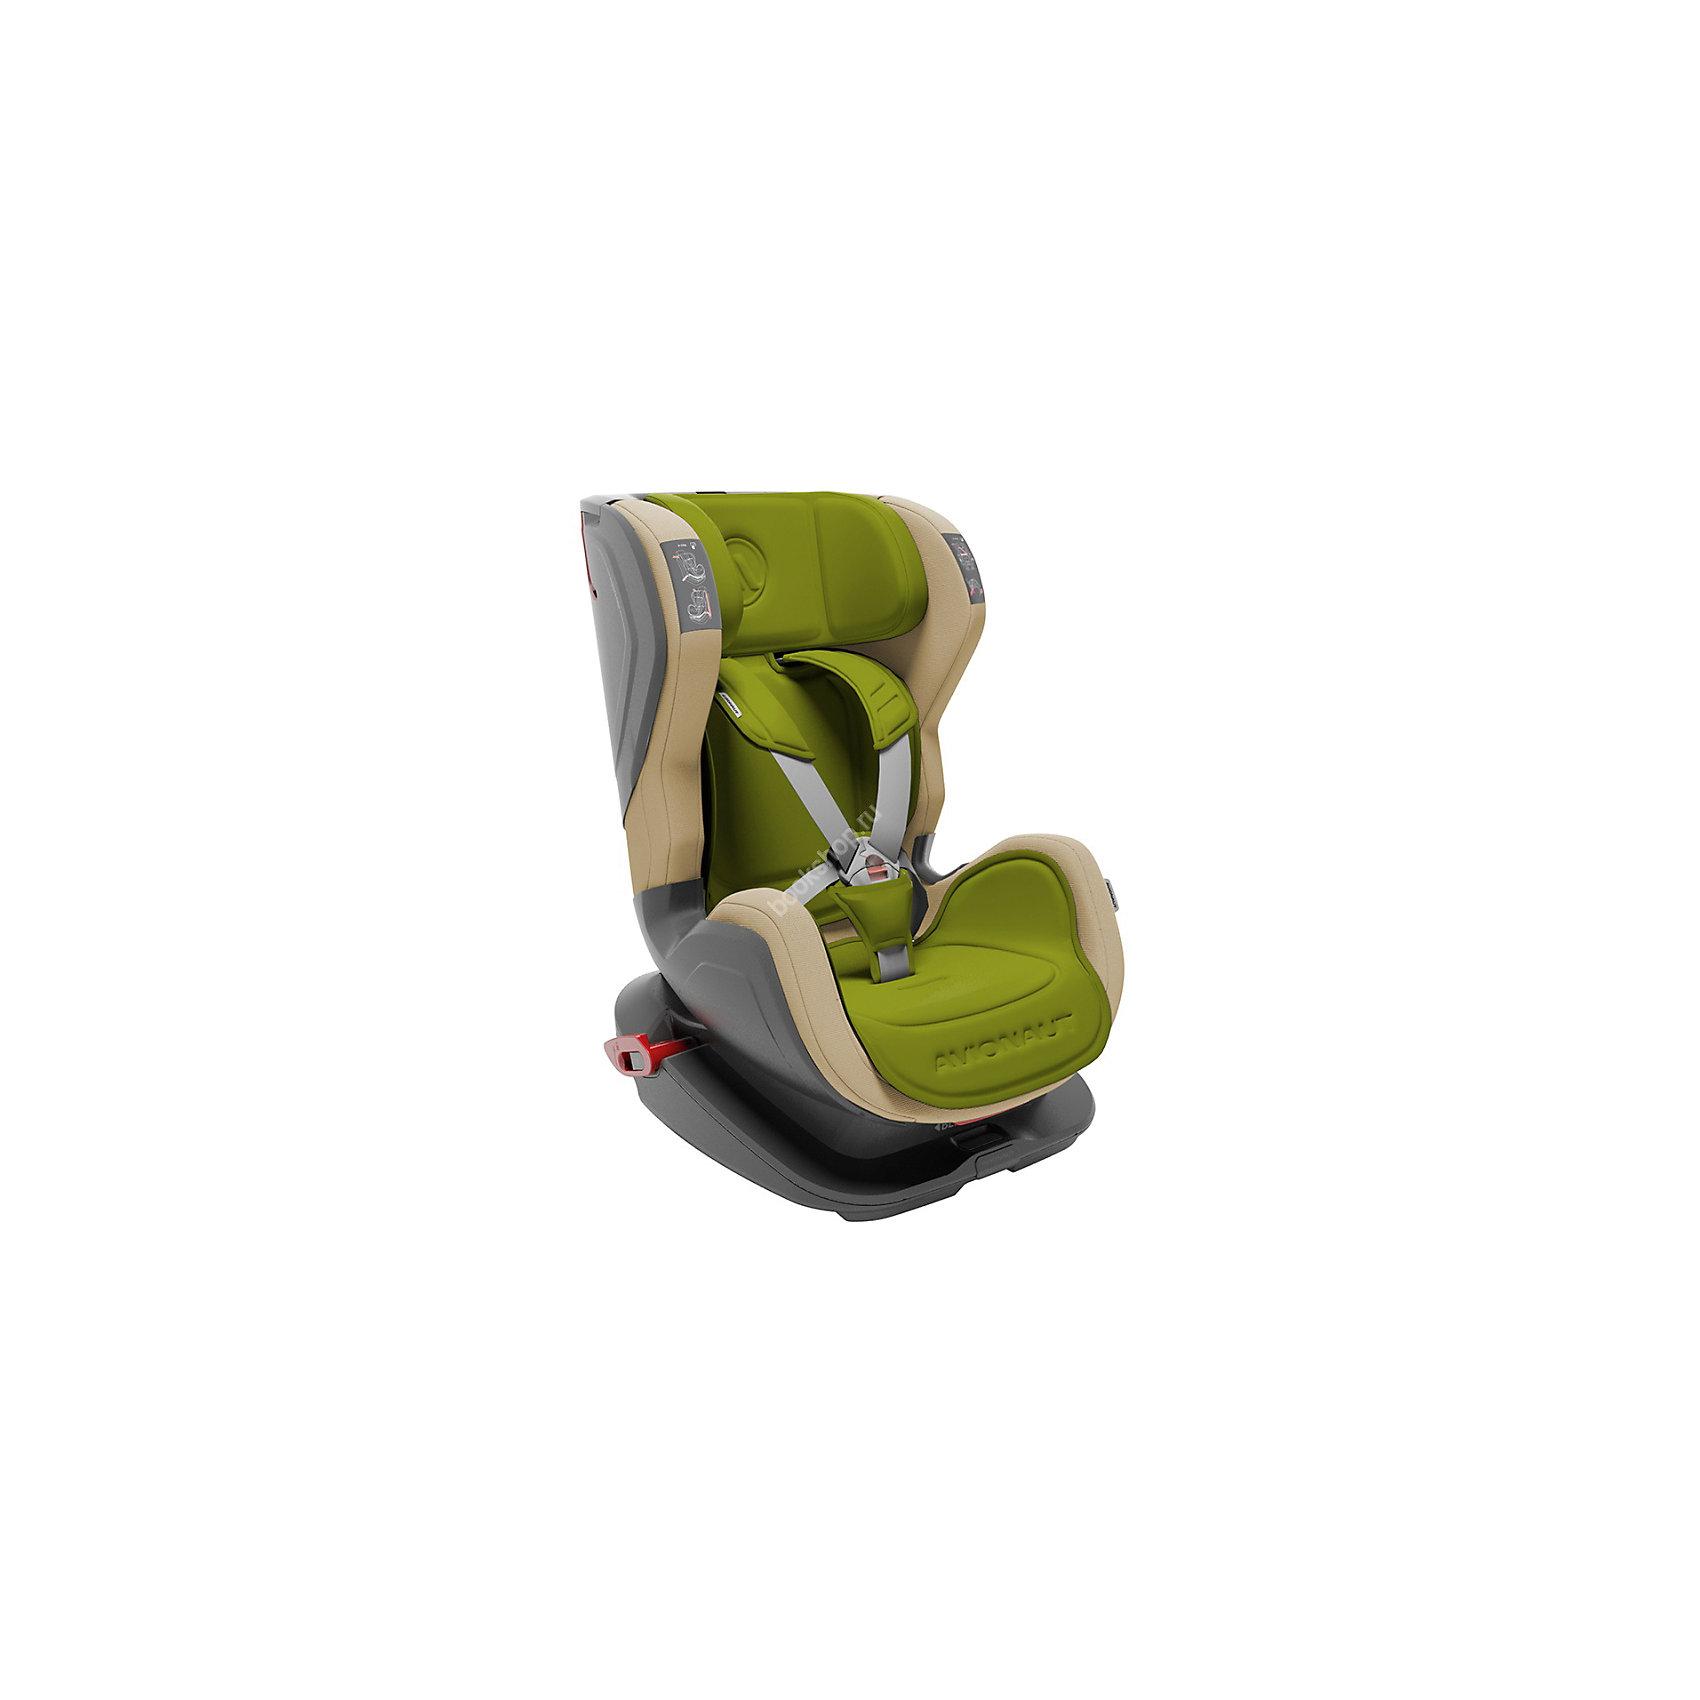 Автокресло Avionaut GLIDER 9-25 кг, оливковый/бежевыйГруппа 1-2 (От 9 до 25 кг)<br>Детское автокресло Avionaut GLIDER не только защищает ребенка в дороге, но и имеет привлекательный дизайн! Автокресло имеет специальные съемные вкладыши, которые позволяют с легкостью изменить цвет. А  пятиточечные ремни безопасности позволят зафиксировать ребенка и защитить его при дорожных происшествиях. <br><br>Характеристики:<br>- Группа: 1-2 (от 9 до 25кг).<br>- 5-ти точечная система ремней безопасности.<br>- Усиленные боковины для большей безопасности.<br>- Регулируемый угол наклона сиденья.<br>- Аварийные натяжители ремней безопасности для лучшей стабилизации сиденья в автомобиле.<br>- Съемные чехлы на сиденье.<br>- Регулируемая высота подголовника.<br>- Легко крепится в салоне автомобиля.<br>- Съемные вкладыши - позволяют изменить цвет автокресла.<br>- Вид крепления: штатным ремнем автомобиля.<br>- Способ установки: на заднем сиденье лицом по ходу движения.<br>- Ребенок фиксируется: <br>от 9 до 18 кг: внутренним пятиточечным ремнем.<br>от 15 до 25 кг: штатным трехточечным ремнем автомобиля. <br><br>Дополнительная информация:<br><br>- Возраст: от 9 месяцев до 7 лет.<br>- Материал: пластик, текстиль.<br>- Цвет: оливковый/бежевый.<br>- Размер упаковки: 44x66x53 см.<br>- Вес в упаковке: 8.150 кг.<br><br>Купить автокресло GLIDER Avionaut в цвете оливковый/бежевый, можно в нашем магазине.<br><br>Ширина мм: 440<br>Глубина мм: 660<br>Высота мм: 530<br>Вес г: 8150<br>Возраст от месяцев: 12<br>Возраст до месяцев: 84<br>Пол: Унисекс<br>Возраст: Детский<br>SKU: 4828294